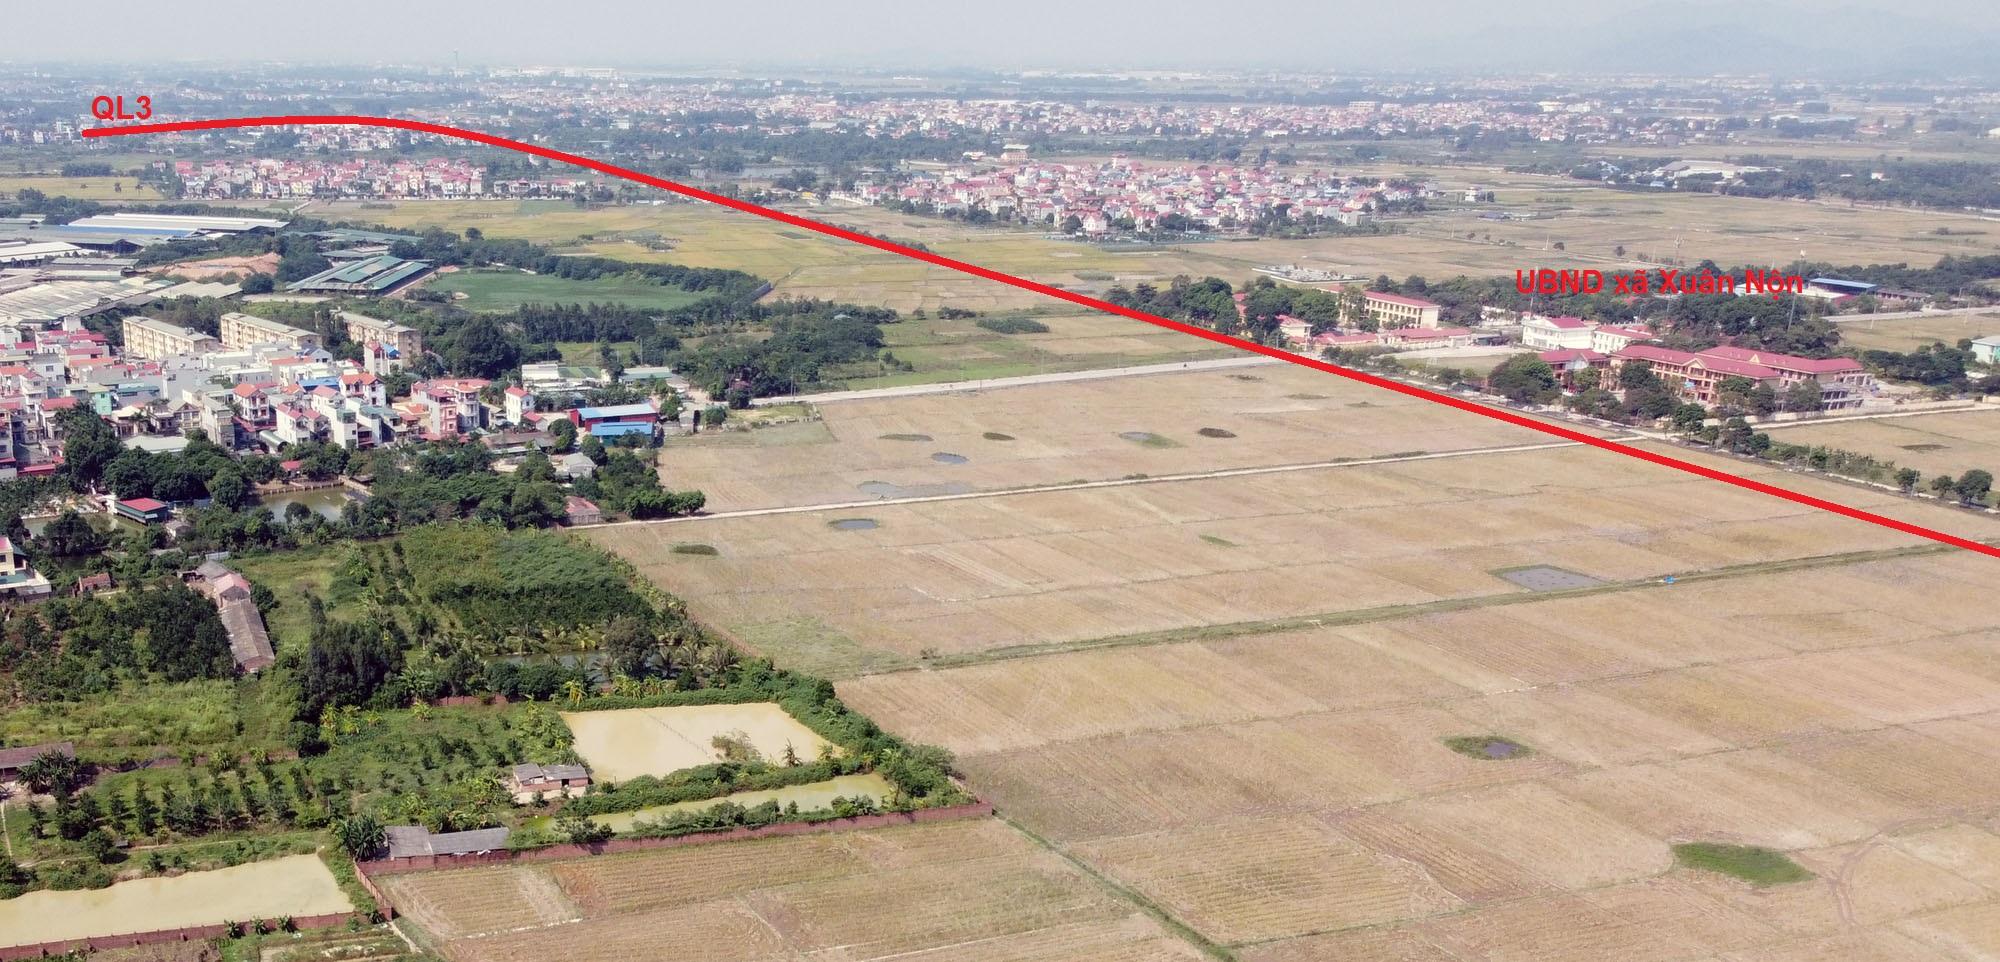 Vị trí ba đường sẽ mở theo qui hoạch ở xã Xuân Nộn, Đông Anh, Hà Nội - Ảnh 12.